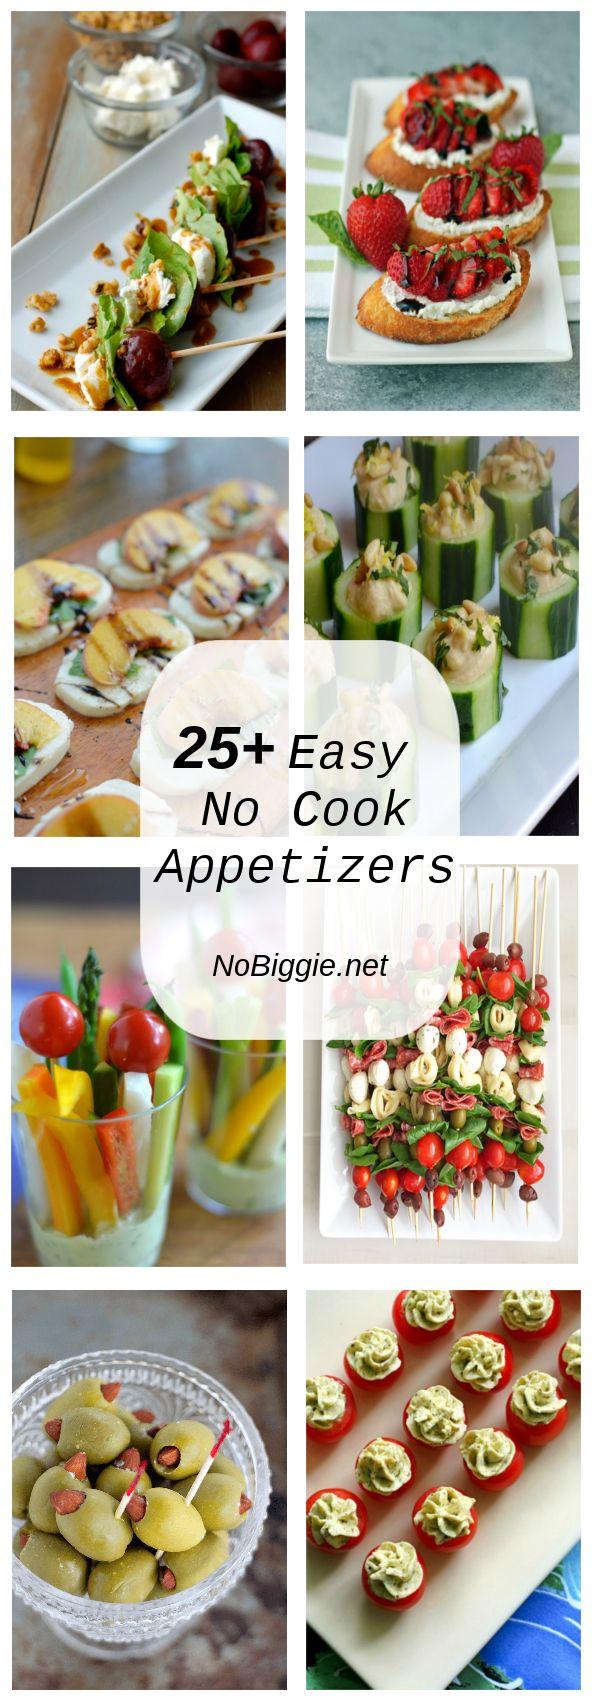 25+ Easy No Cook Appetizers | NoBiggie.net via @nobiggie